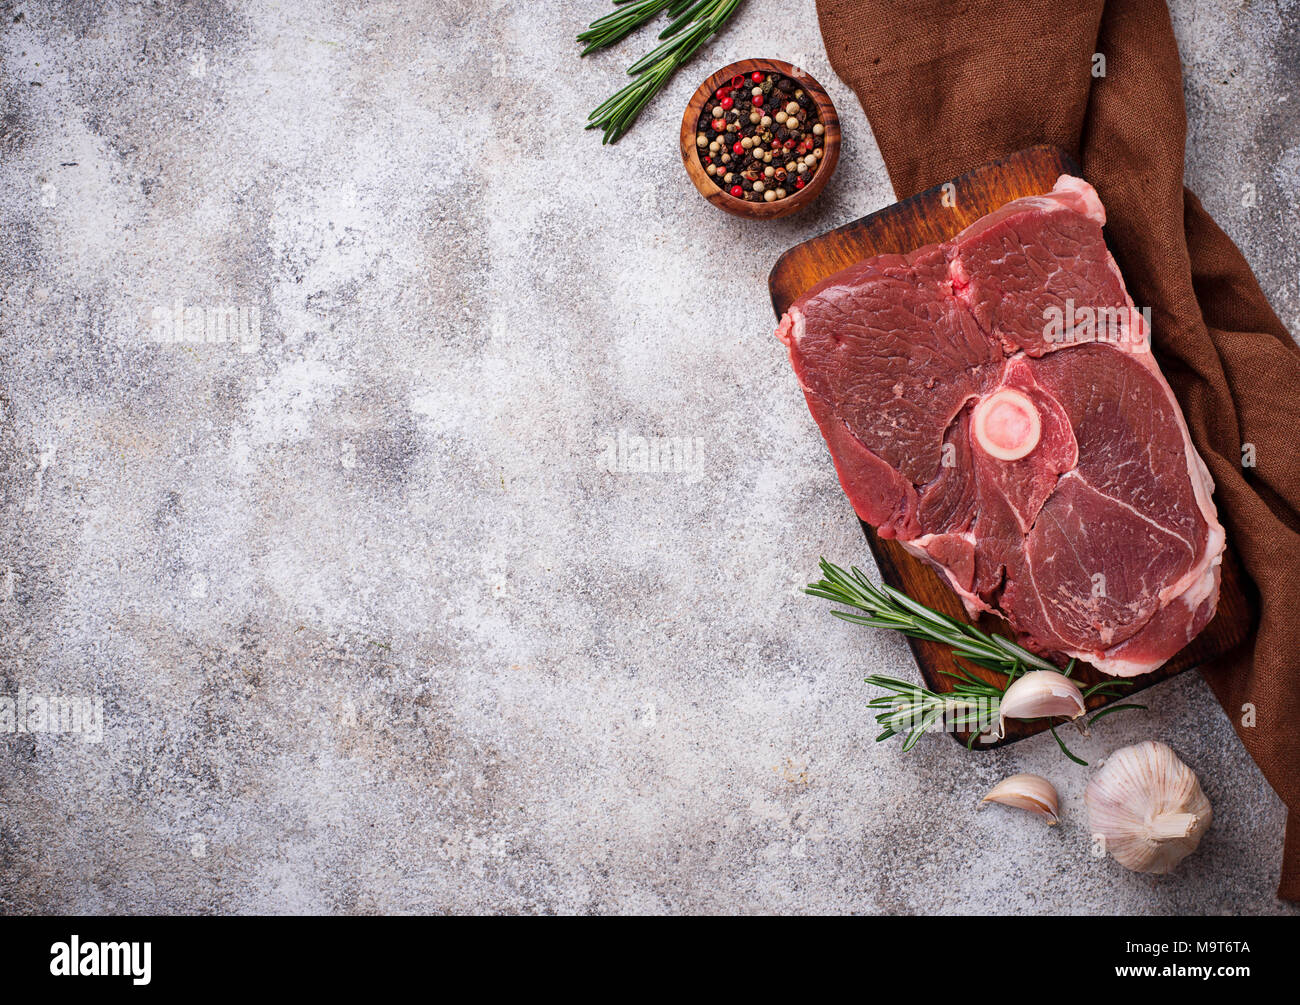 La carne de cordero con romero y especias Imagen De Stock